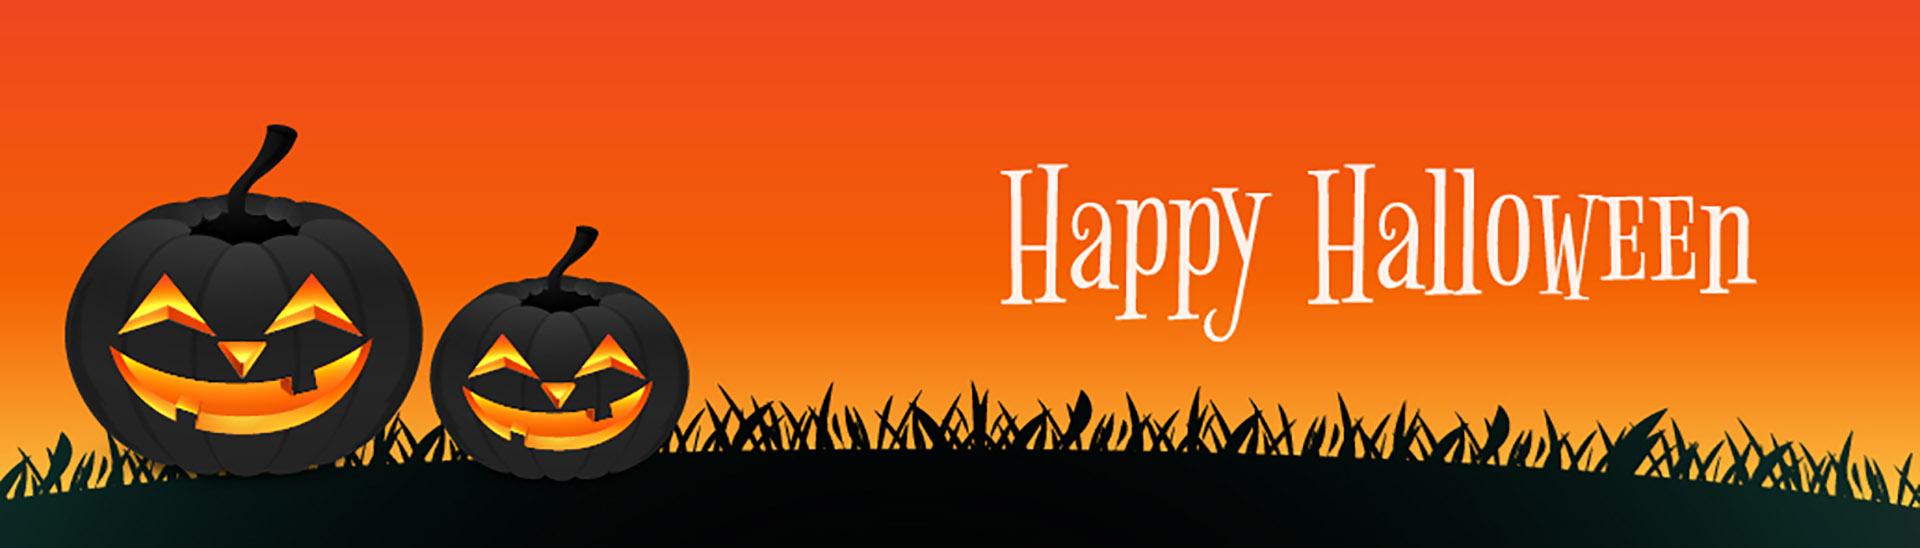 Halloween Banner for October Digital Signage